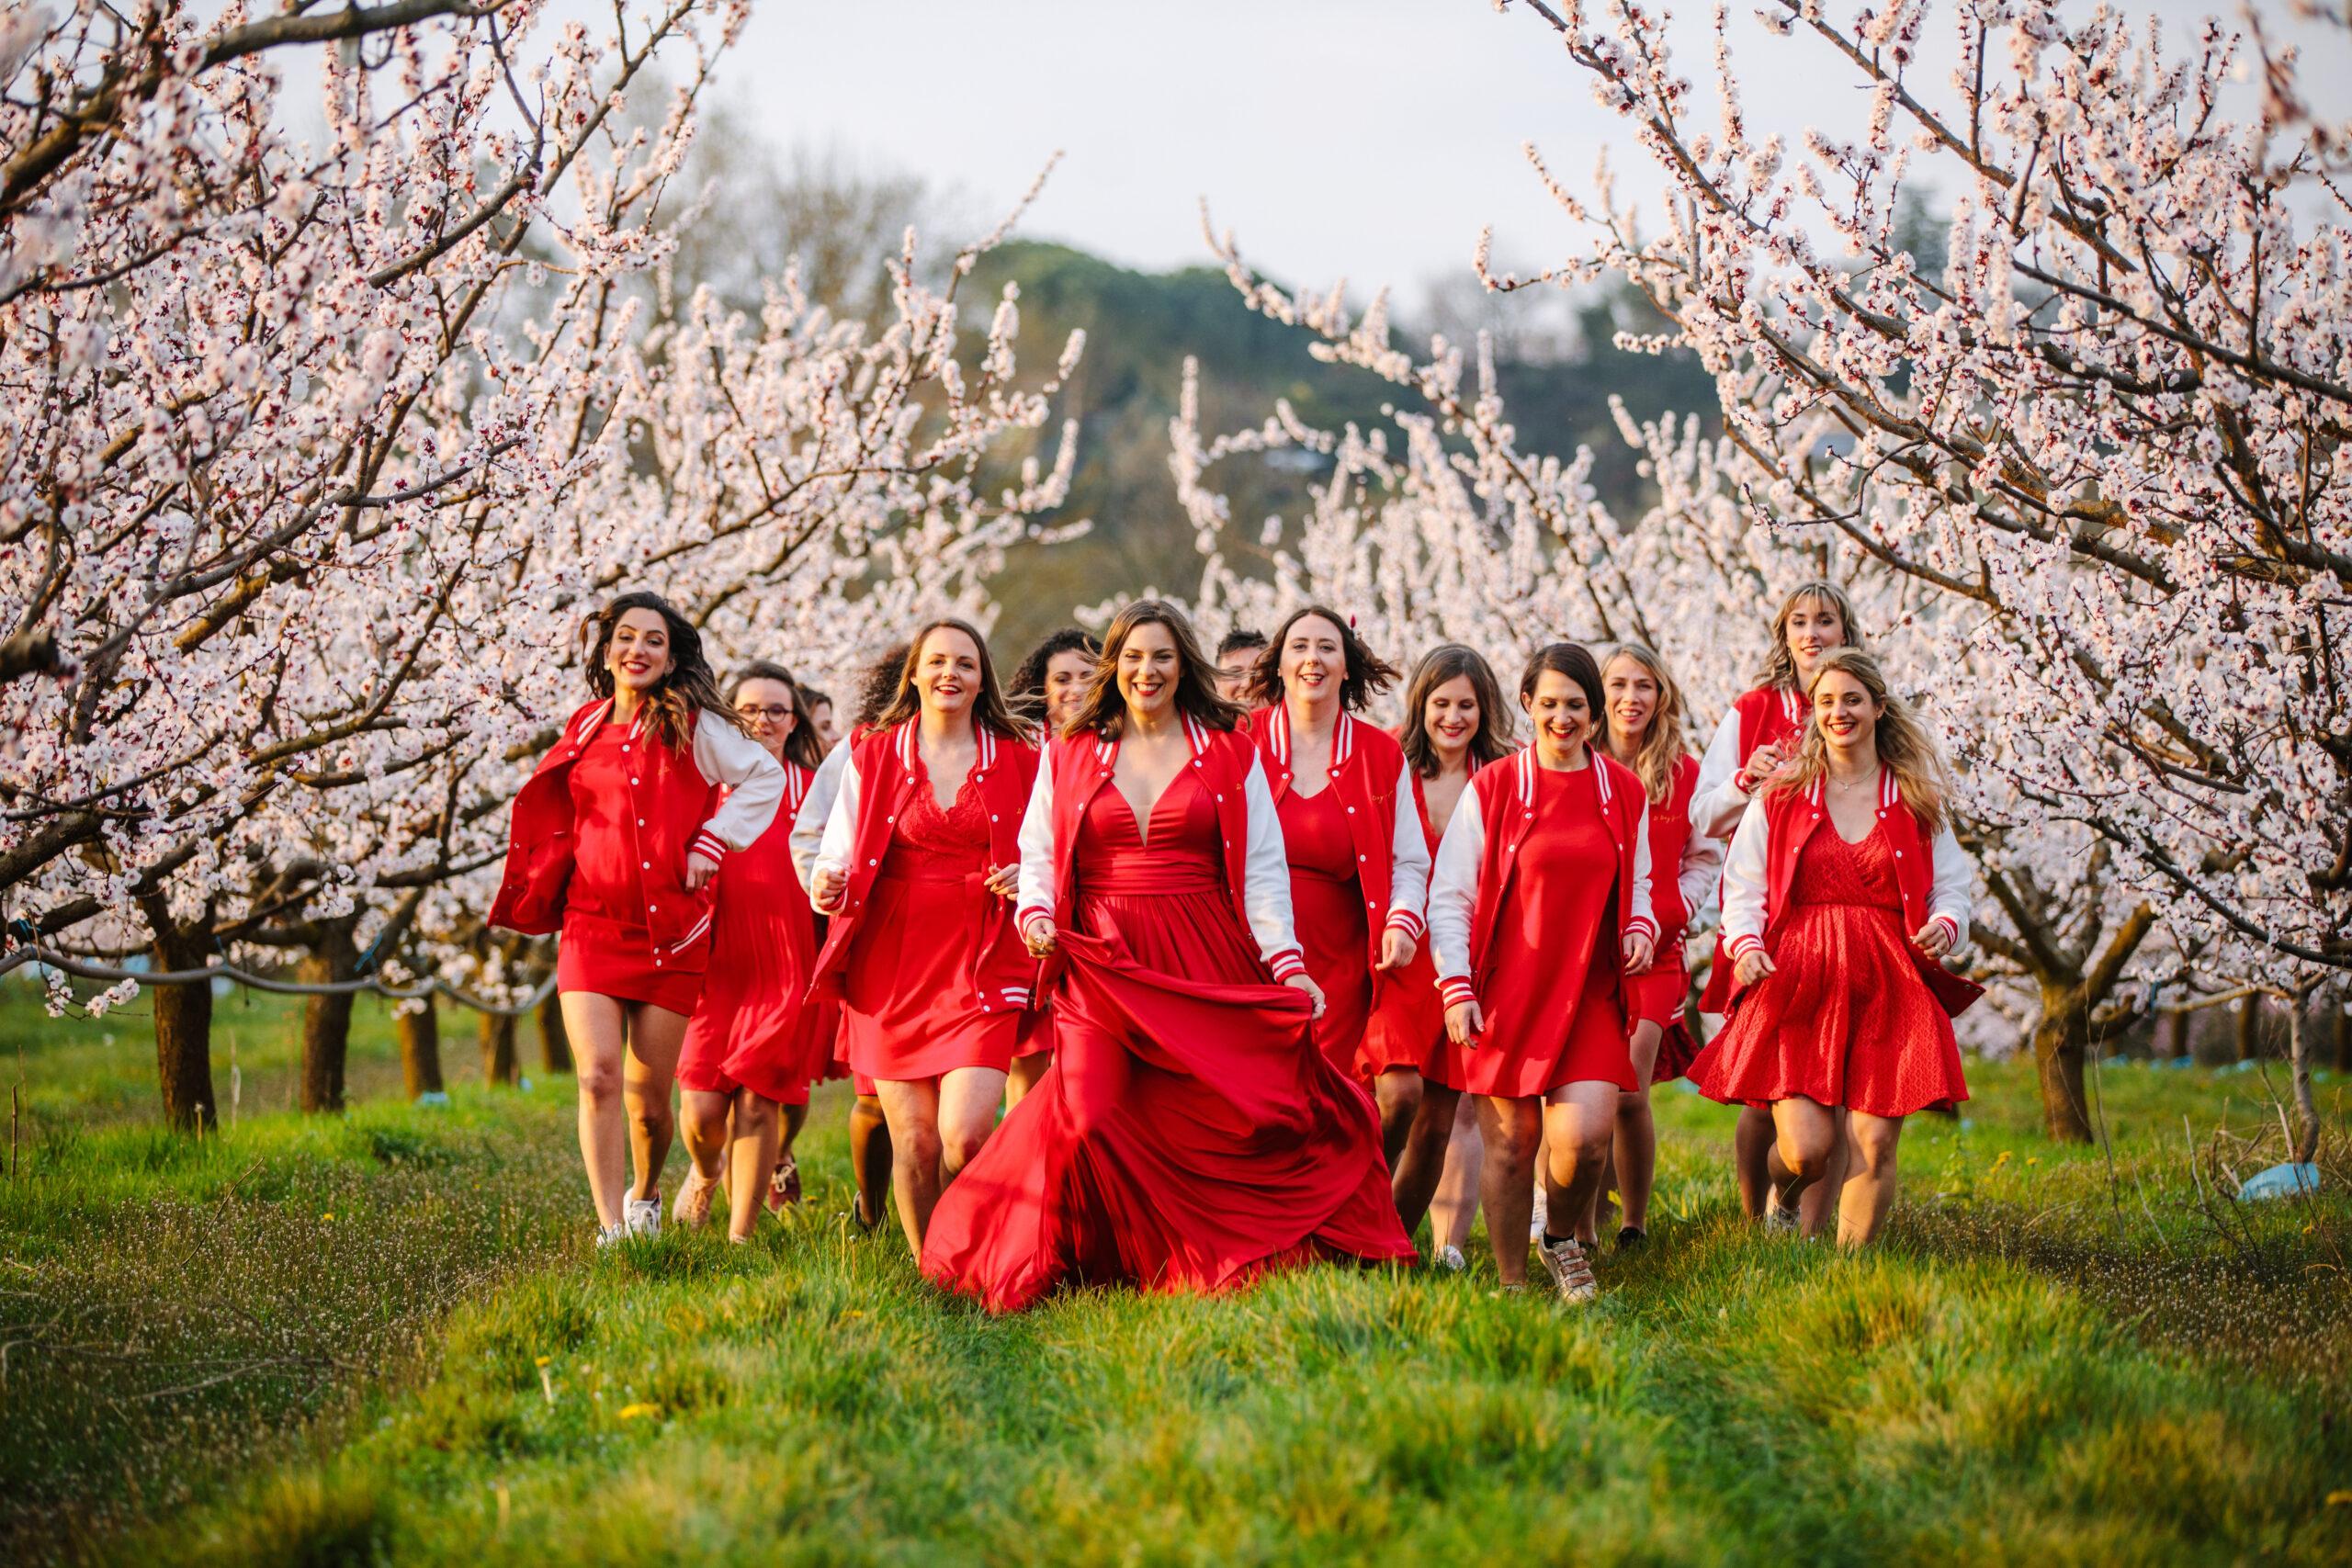 equipe dday wedding planner organisation de mariage france en robes rouges reddress franchises